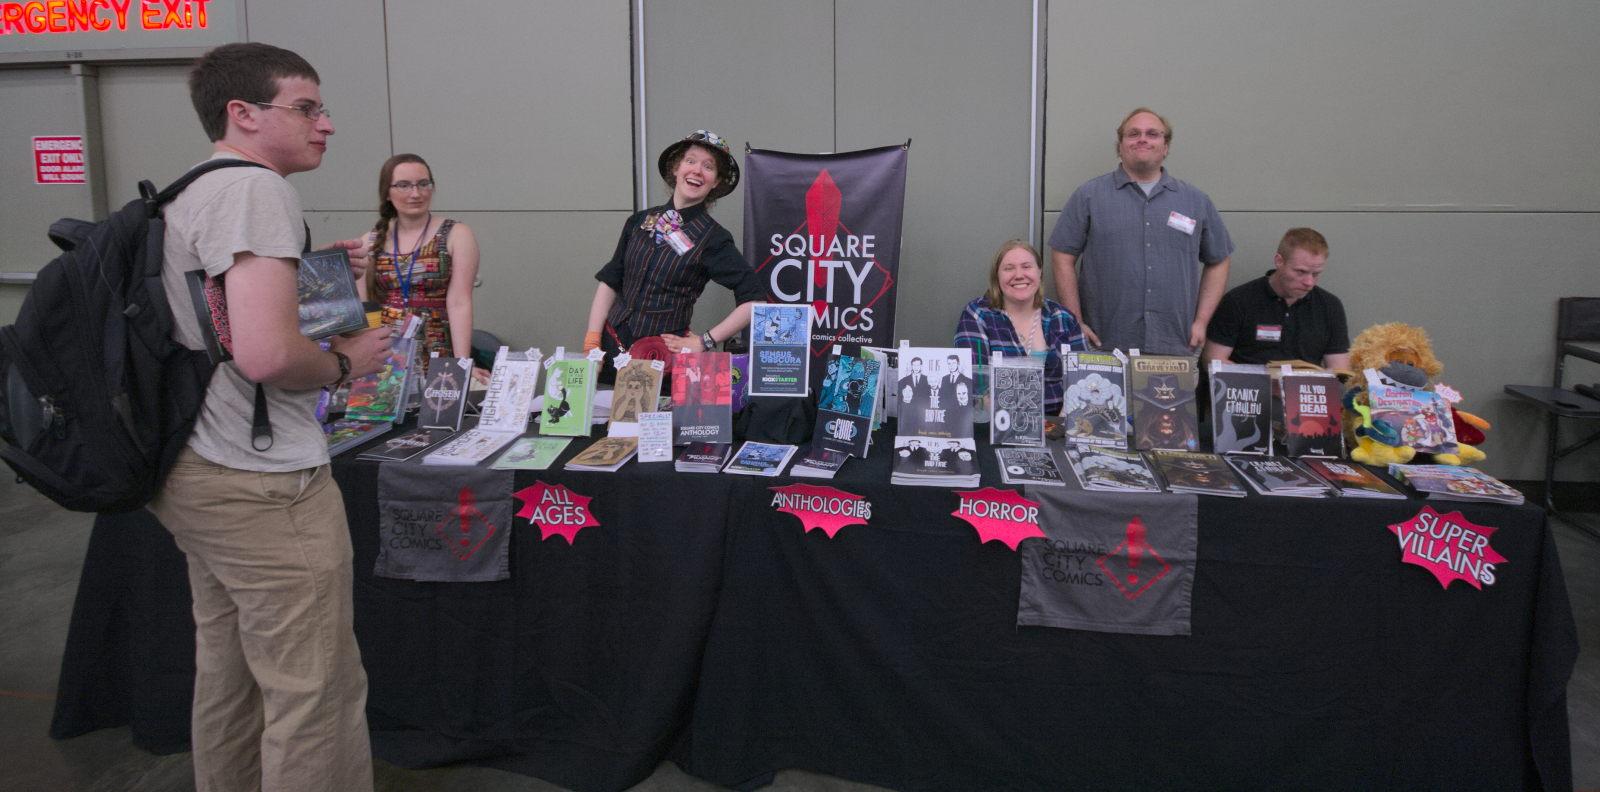 Square City Comics at Baltimore Comic-Con 2016